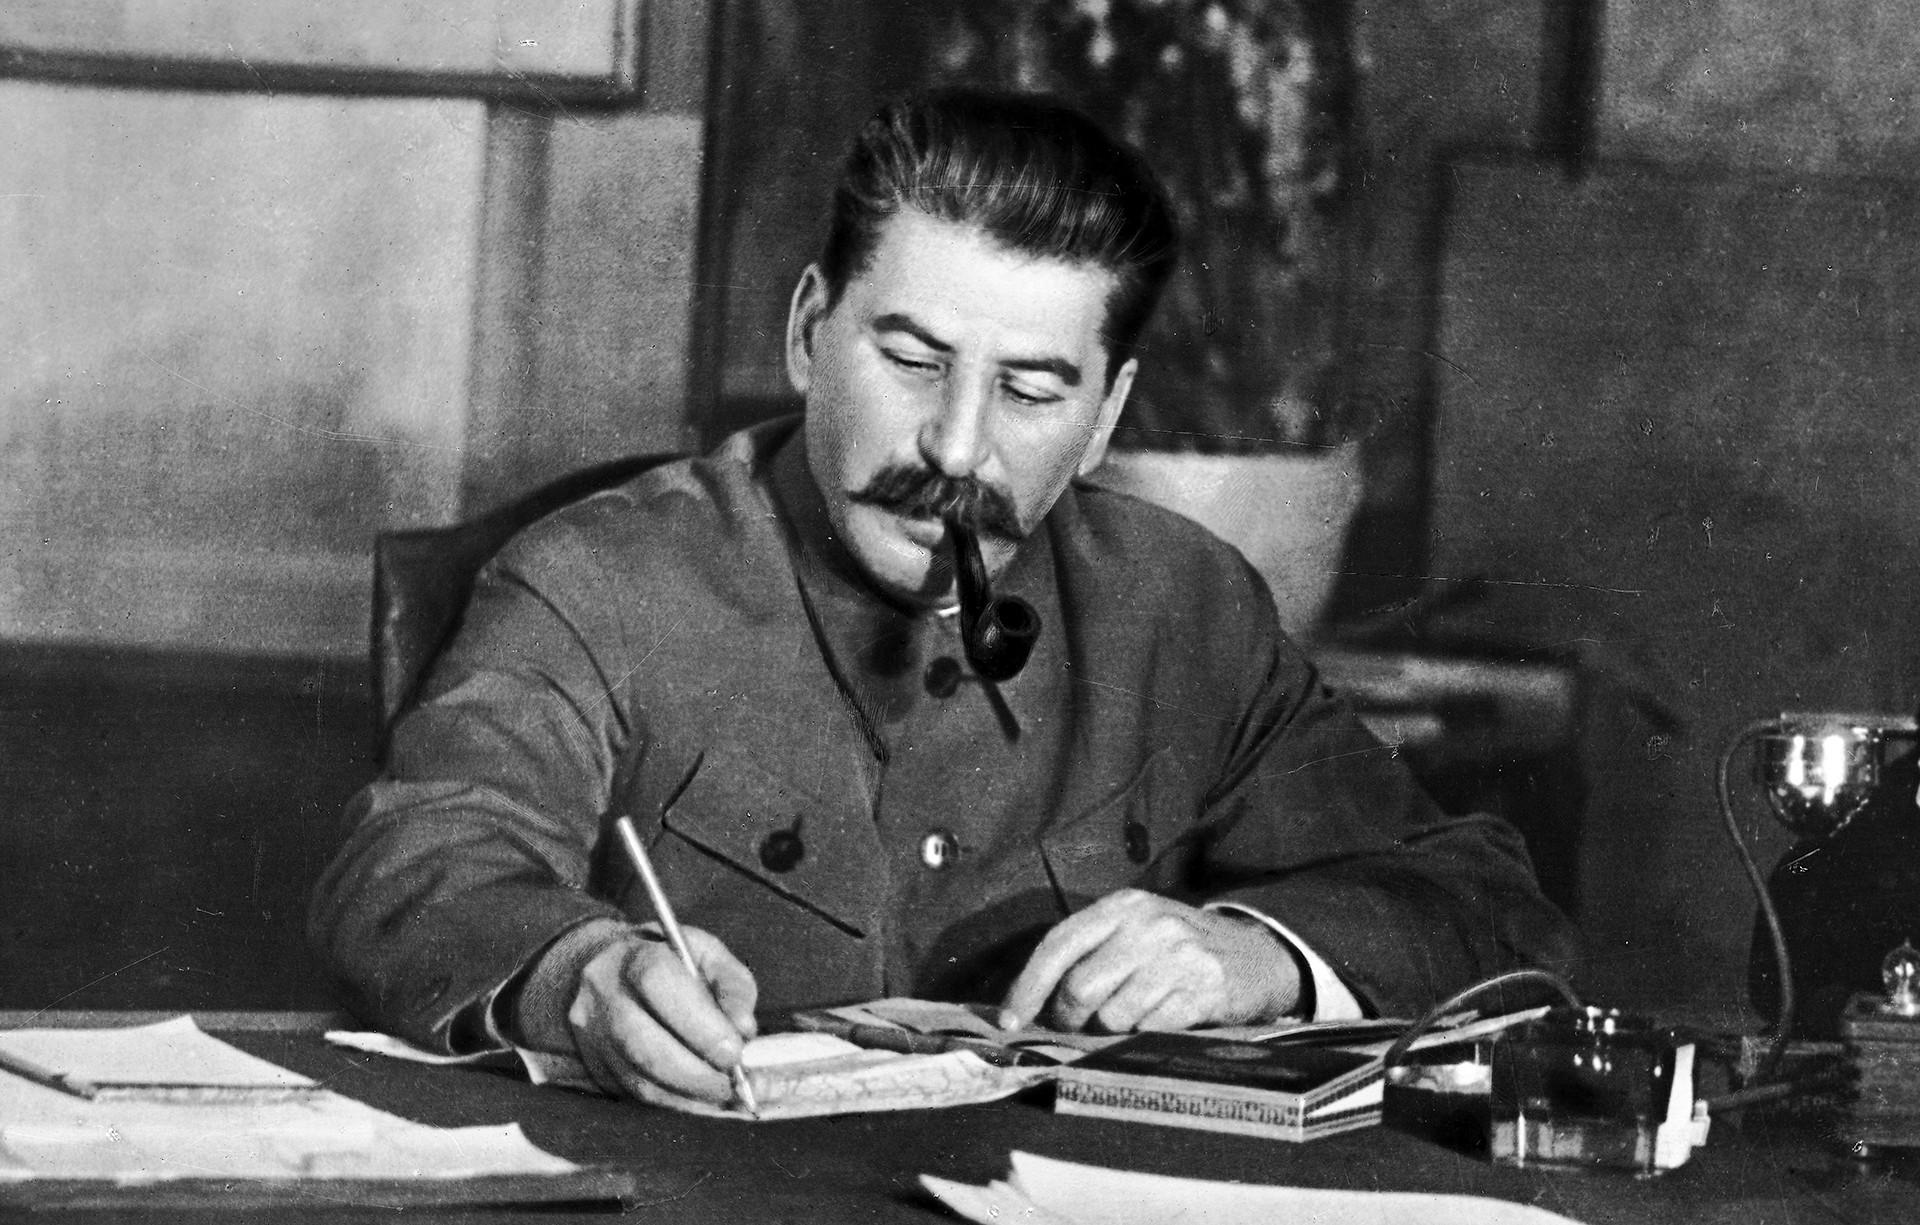 Wells se acercó a Stalin con ciertas sospechas y prejuicios.